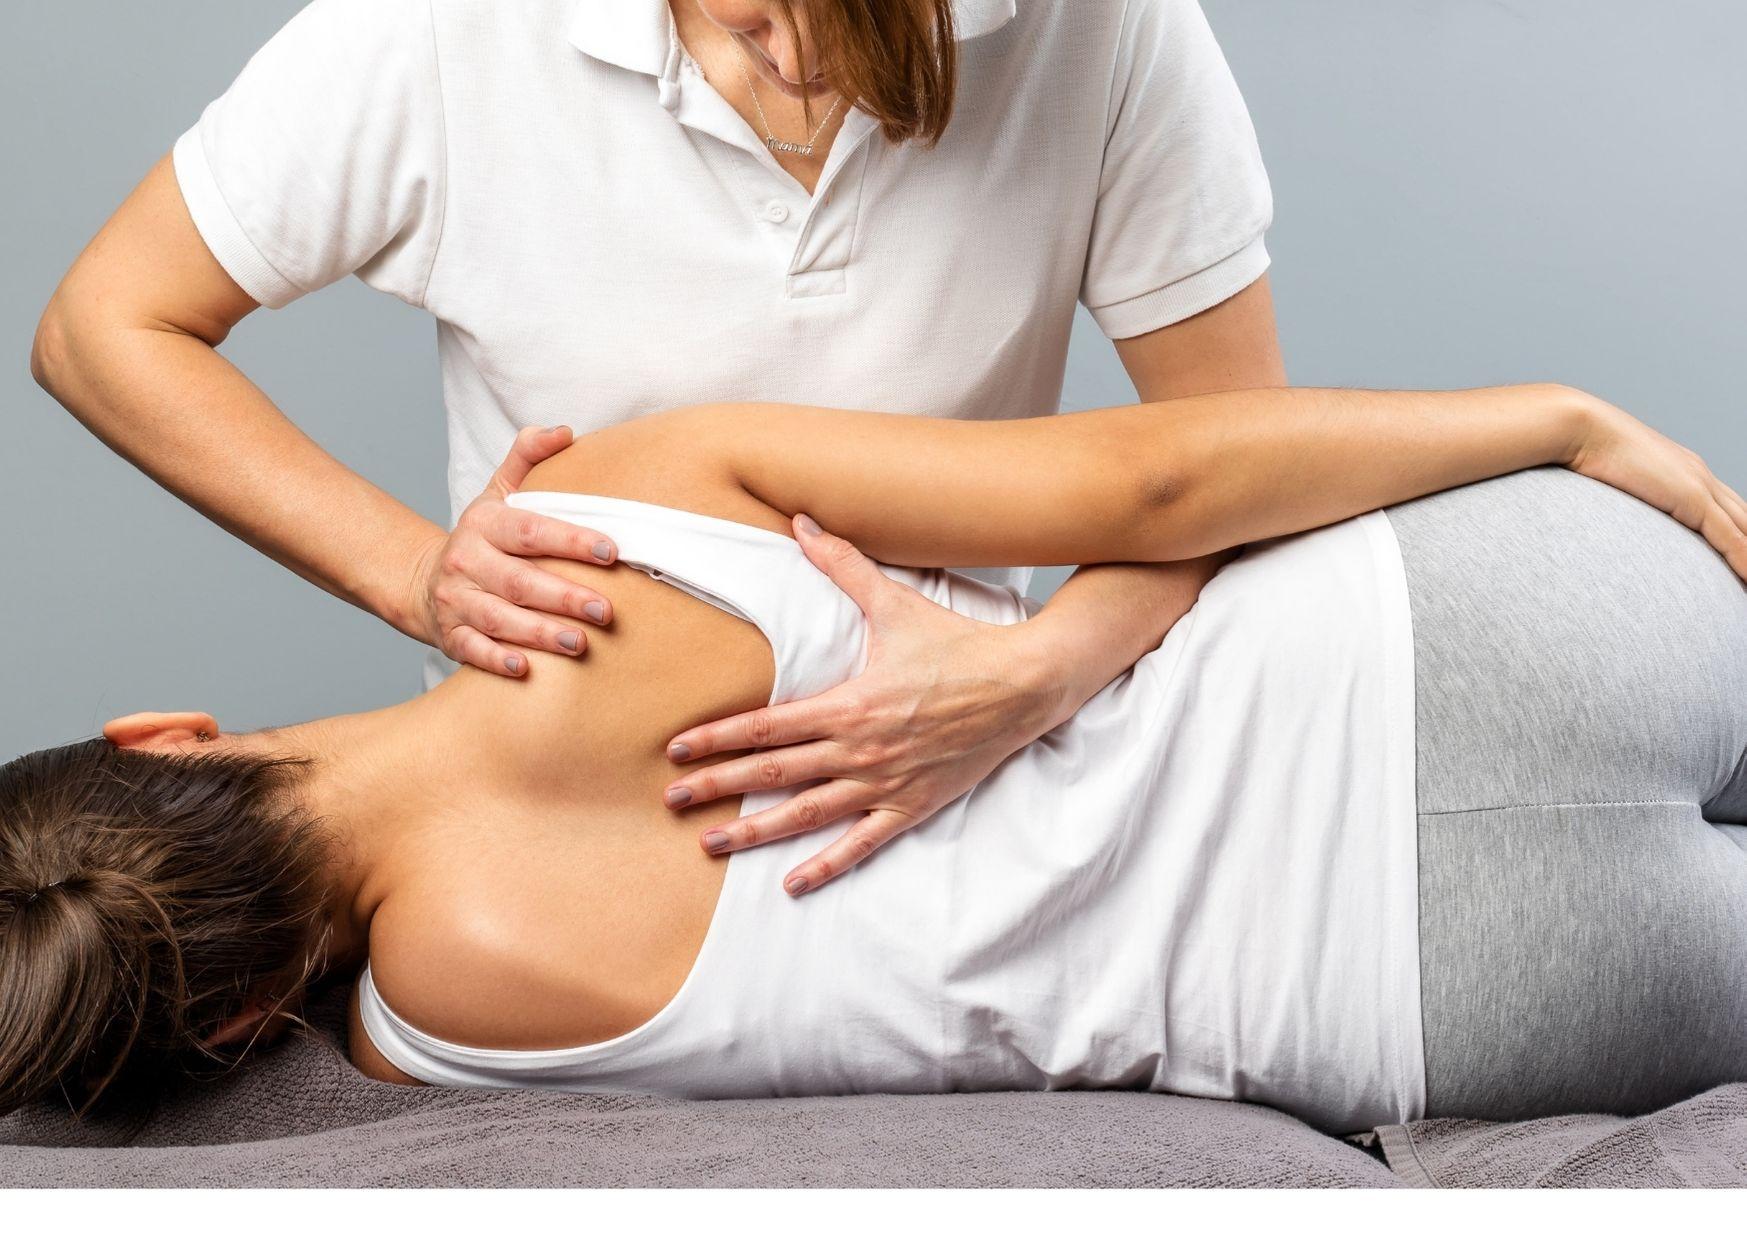 Kropsterapi behandling af skulder, ryg og nakke